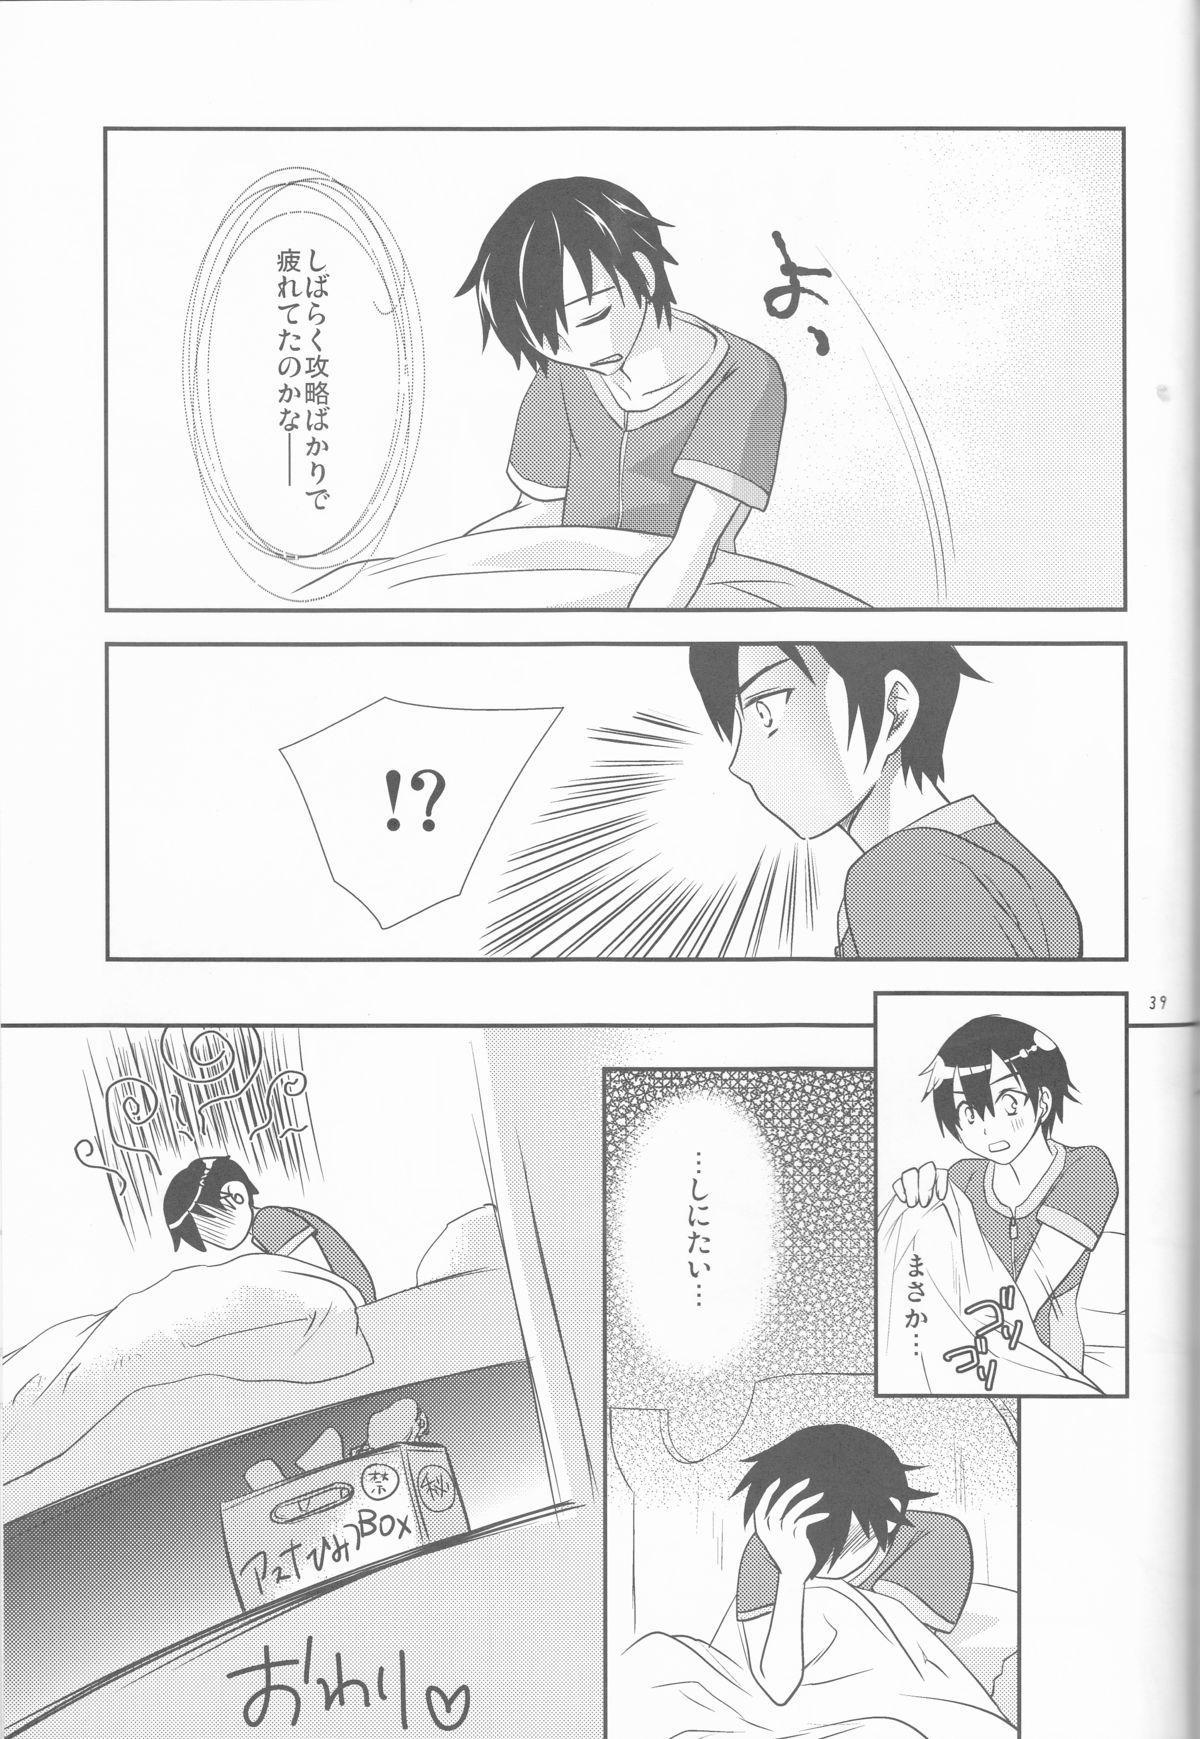 Kirito-kun no shiroku betatsuku nani ka 3 38